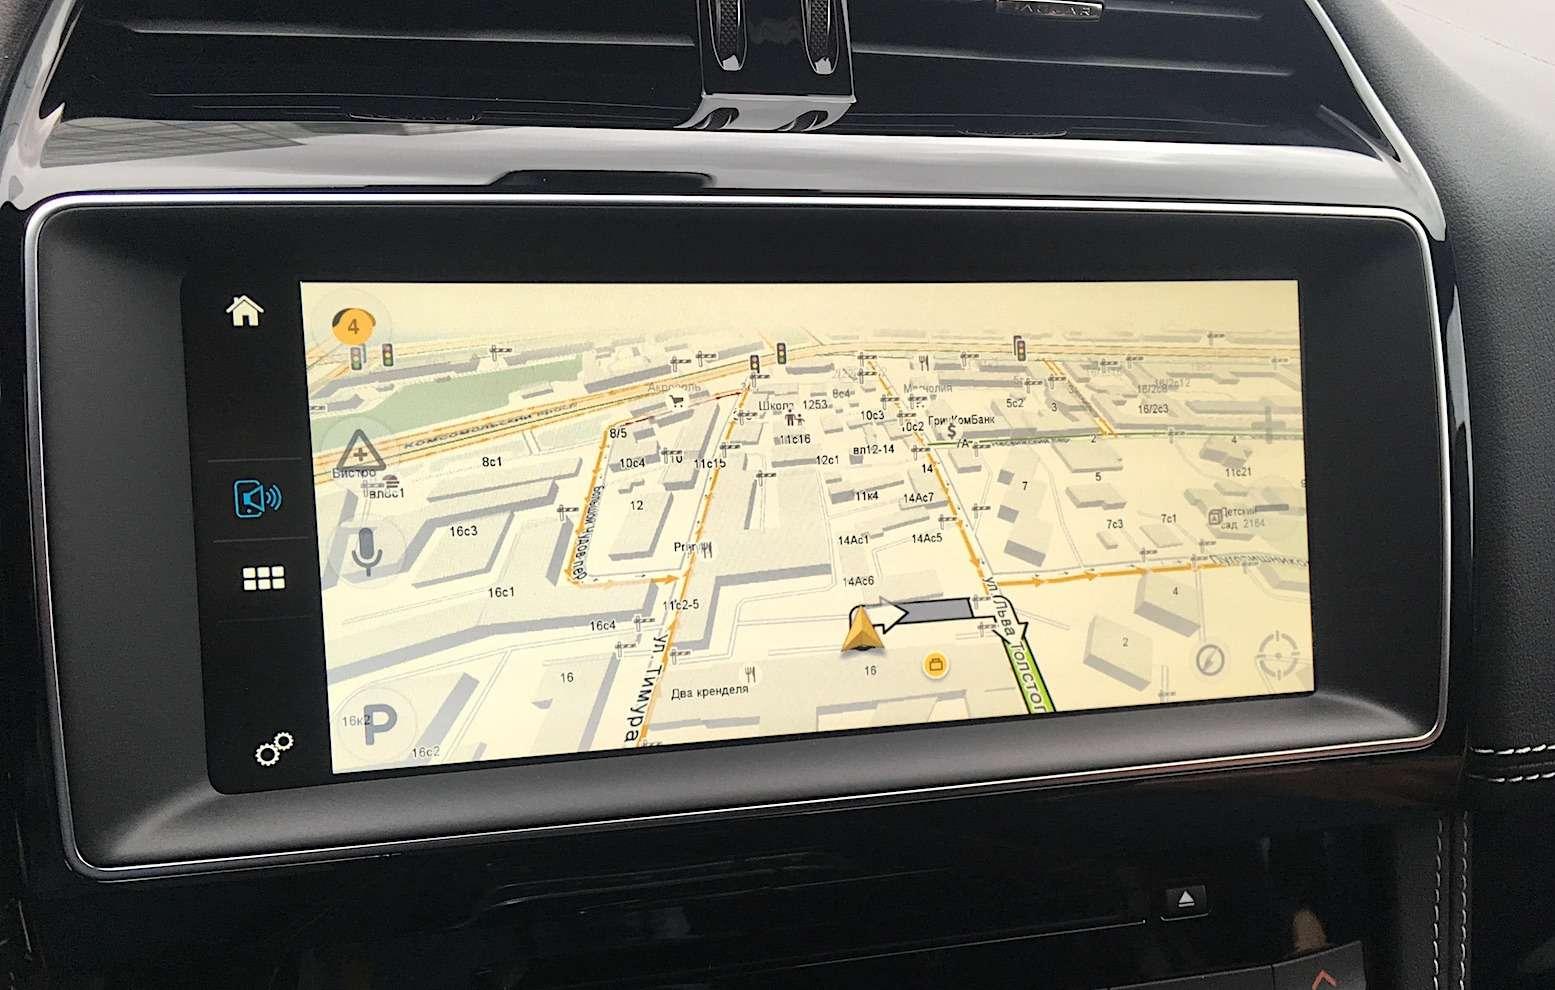 Сервисы Яндекса скоро будут вбольшинстве автомобилей— фото 796421